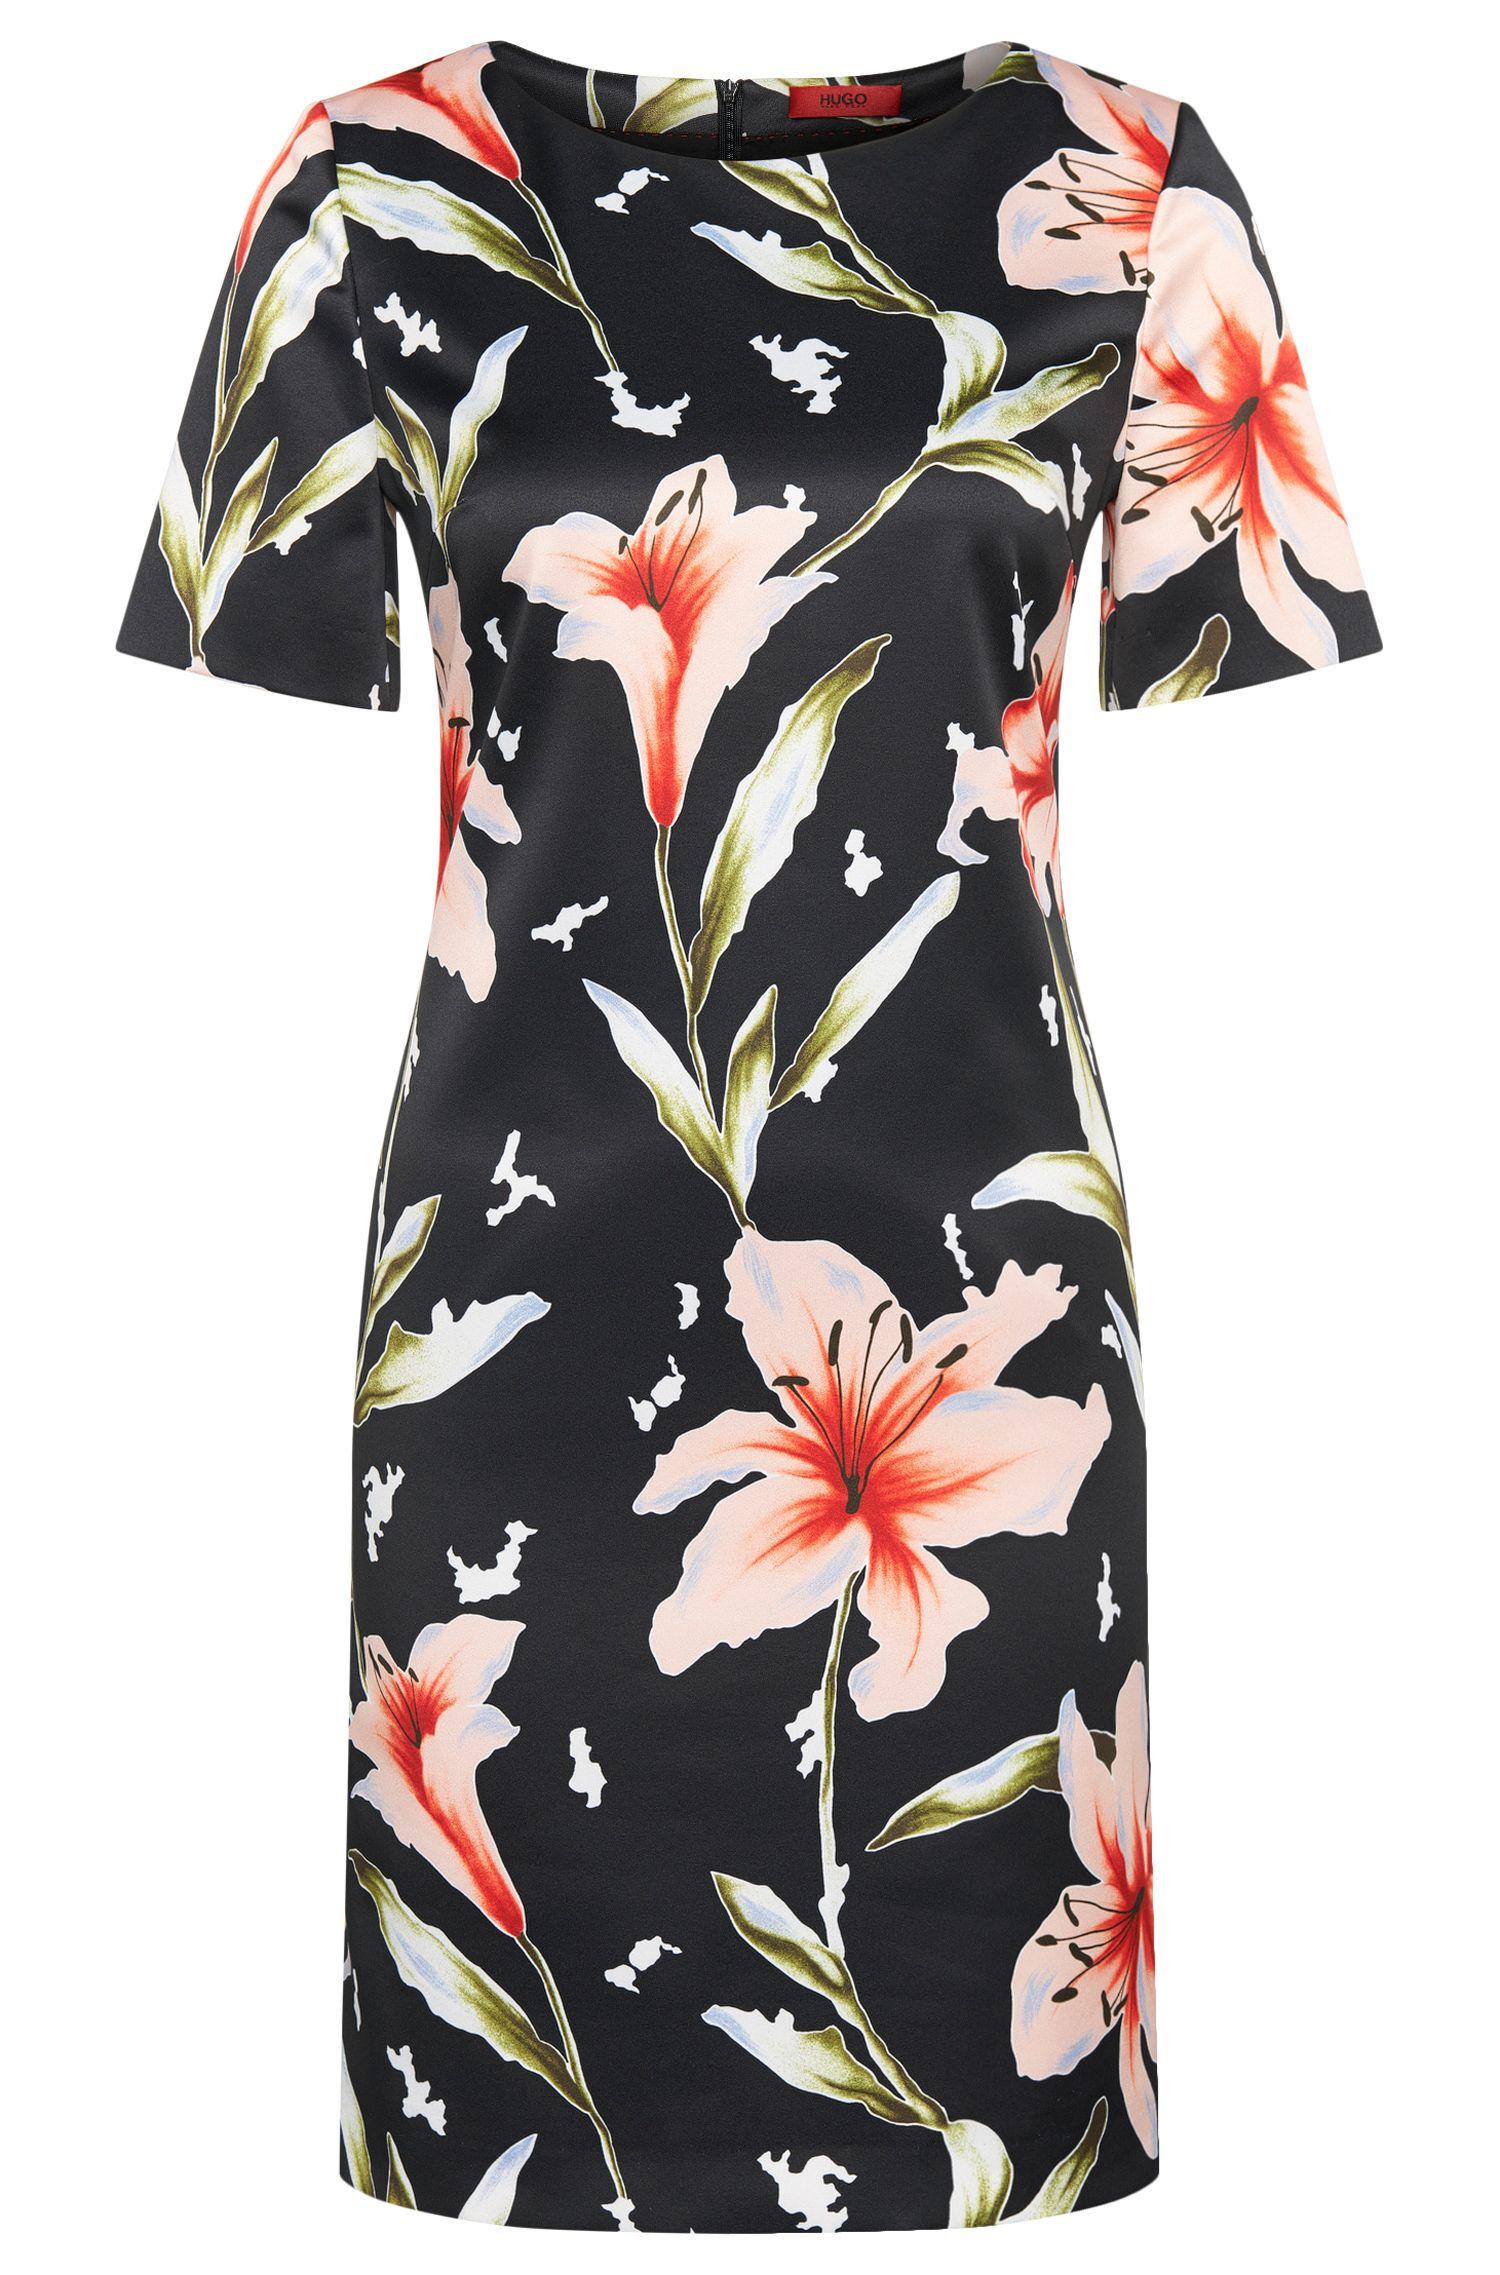 Getailleerde jurk met bloemendessin: 'Kones'